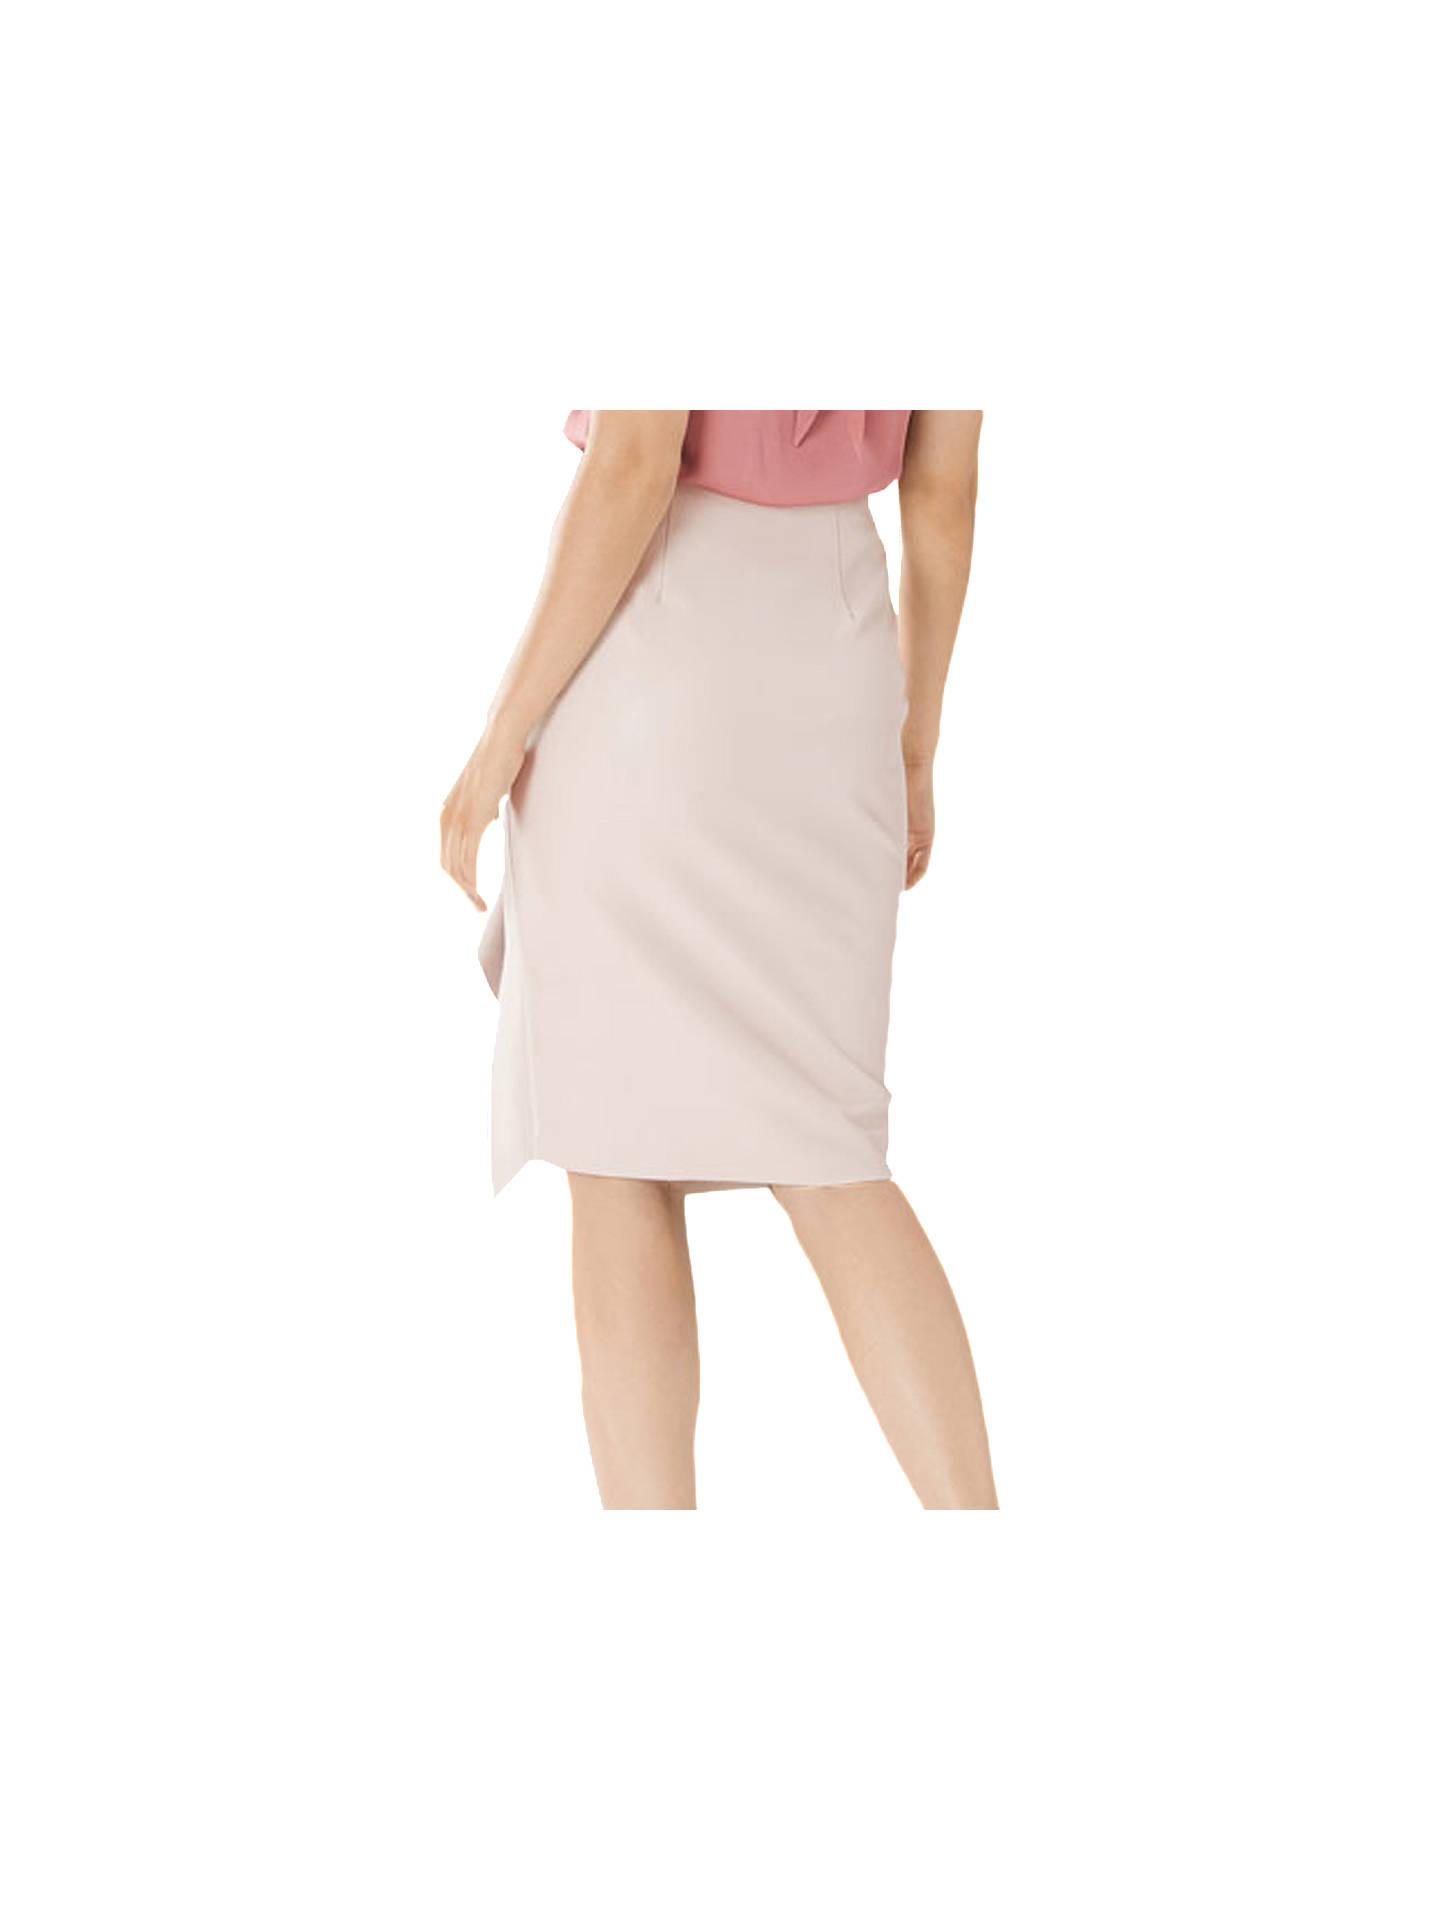 8cb01e4a38 ... Buy Coast Alexis PU Skirt, Blush, 6 Online at johnlewis.com ...